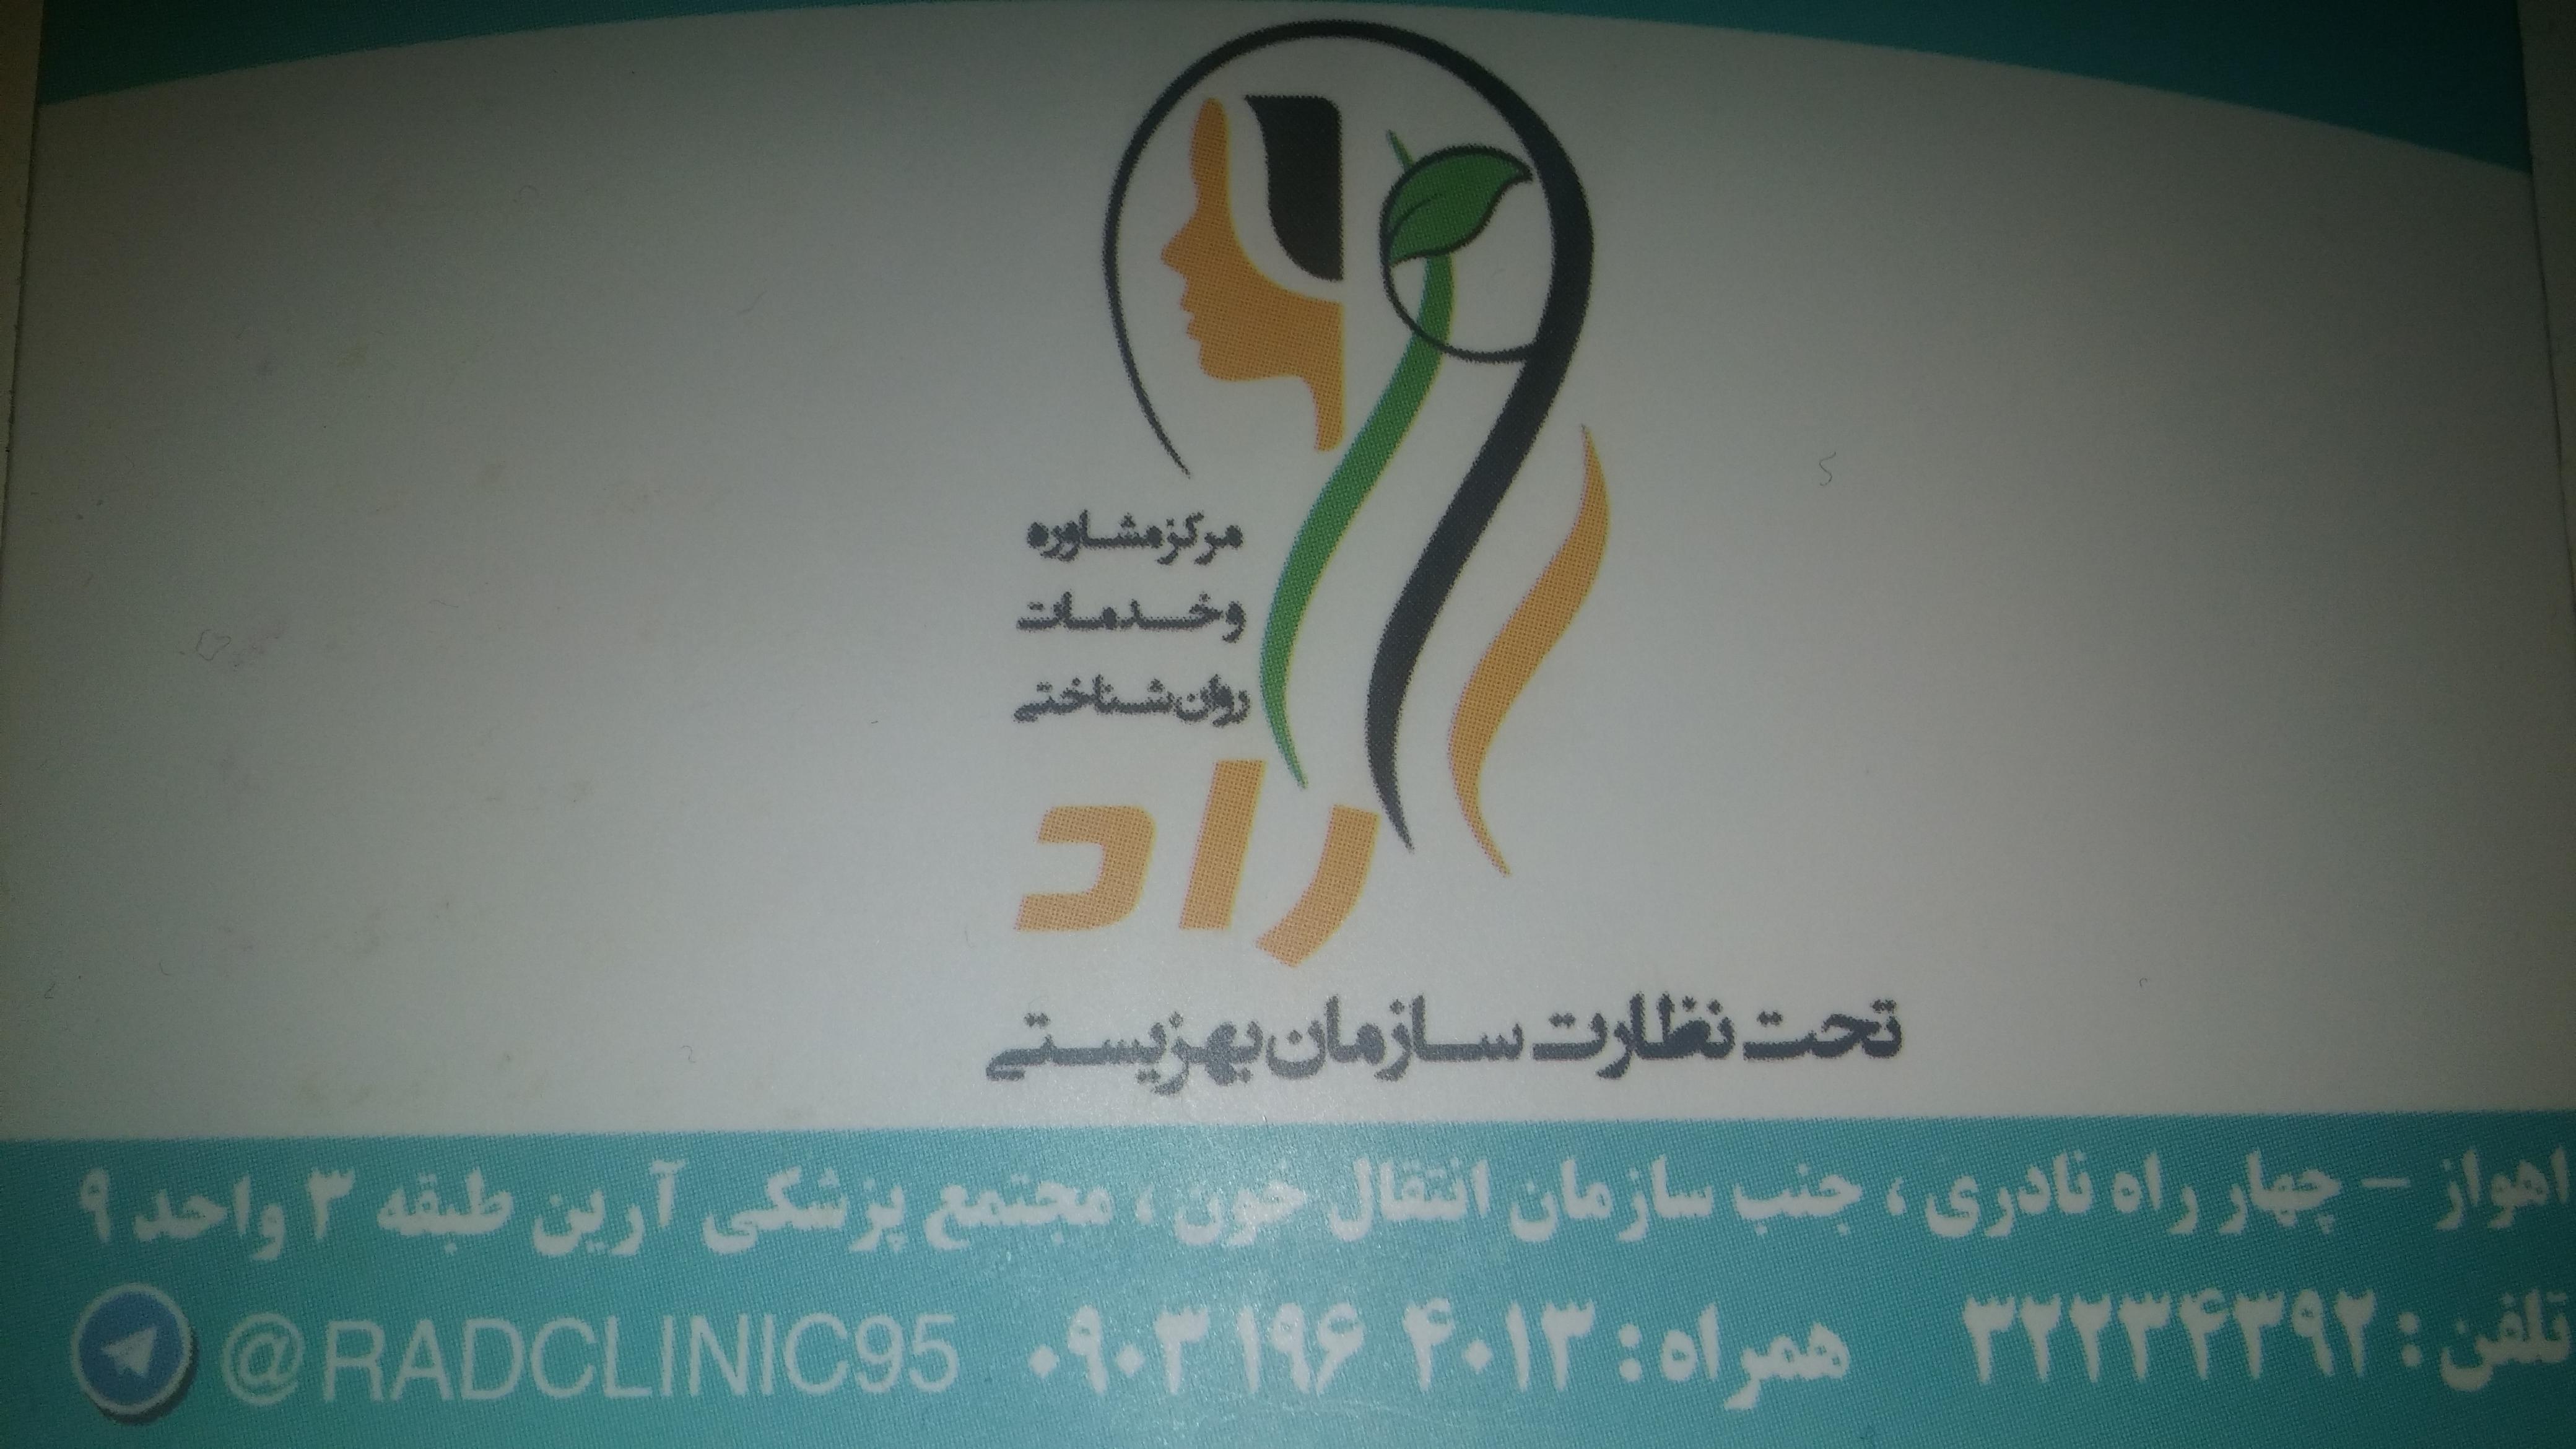 مرکز مشاوره و خدمات روانشناختی راد